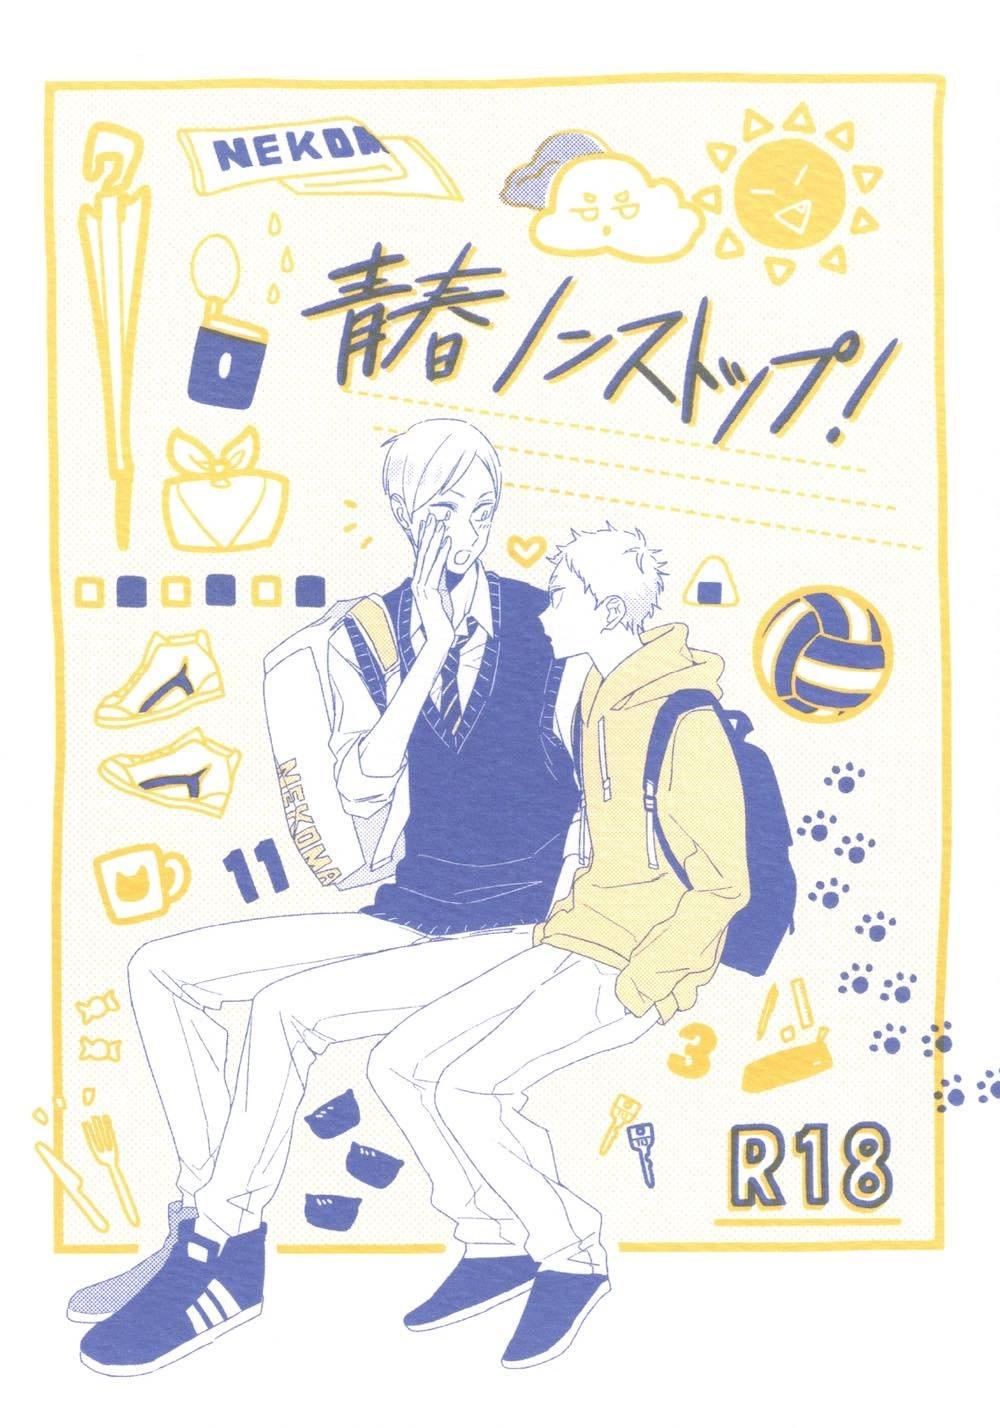 【ハイキュー!!BLエロ同人誌】灰羽×夜久「青春ノンストップ!」※18禁【ボーイズラブ漫画】